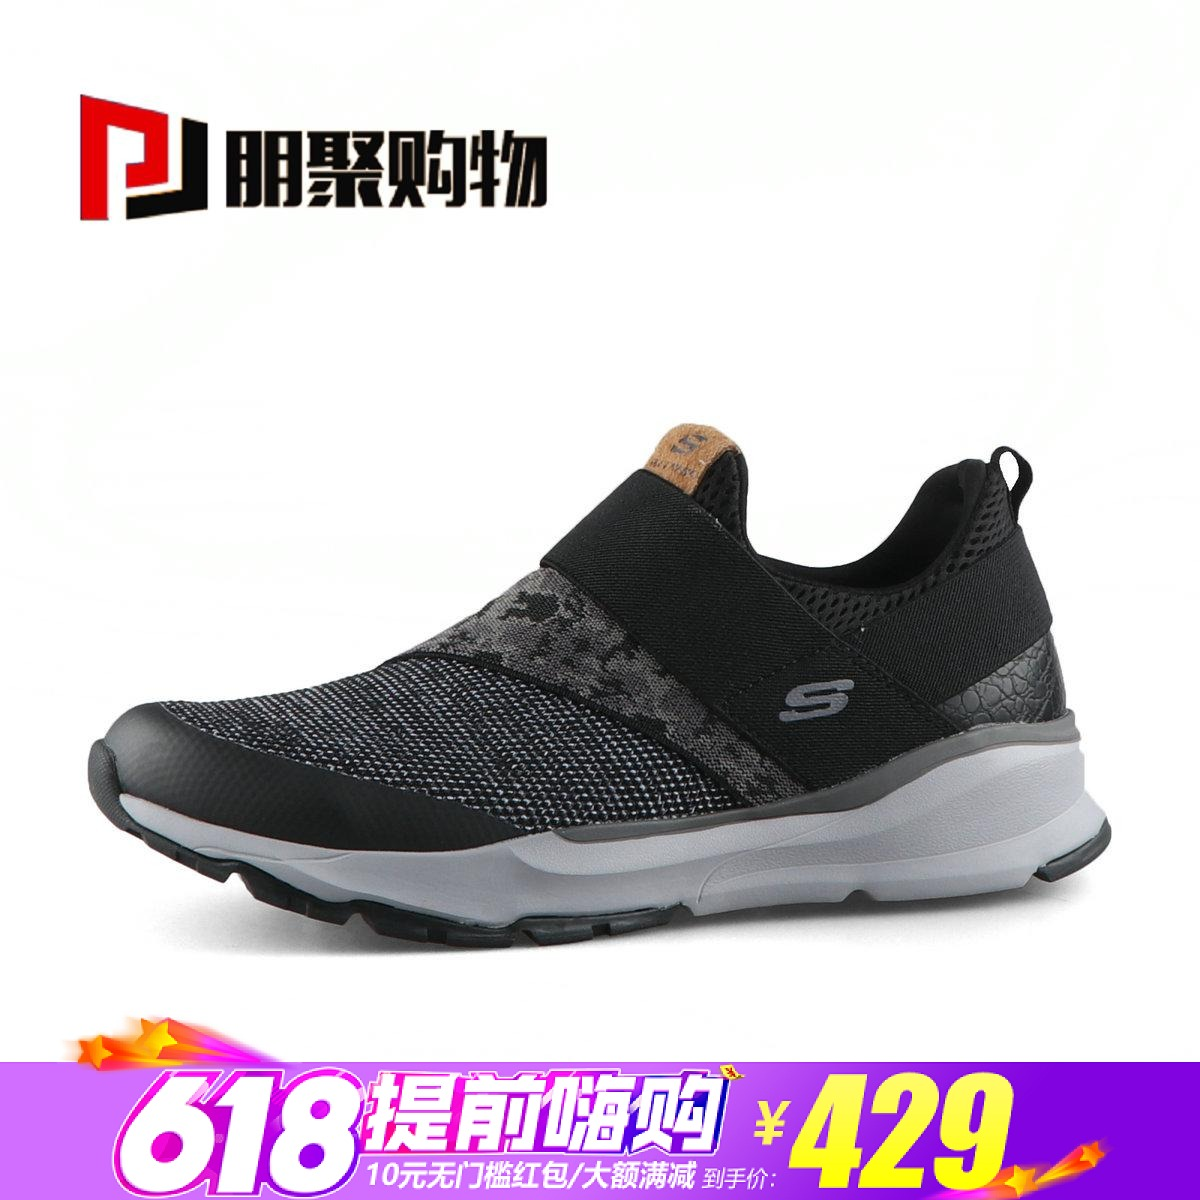 朋聚 Skechers斯凯奇18年新款男Air-Cooled舒适运动休闲鞋65519